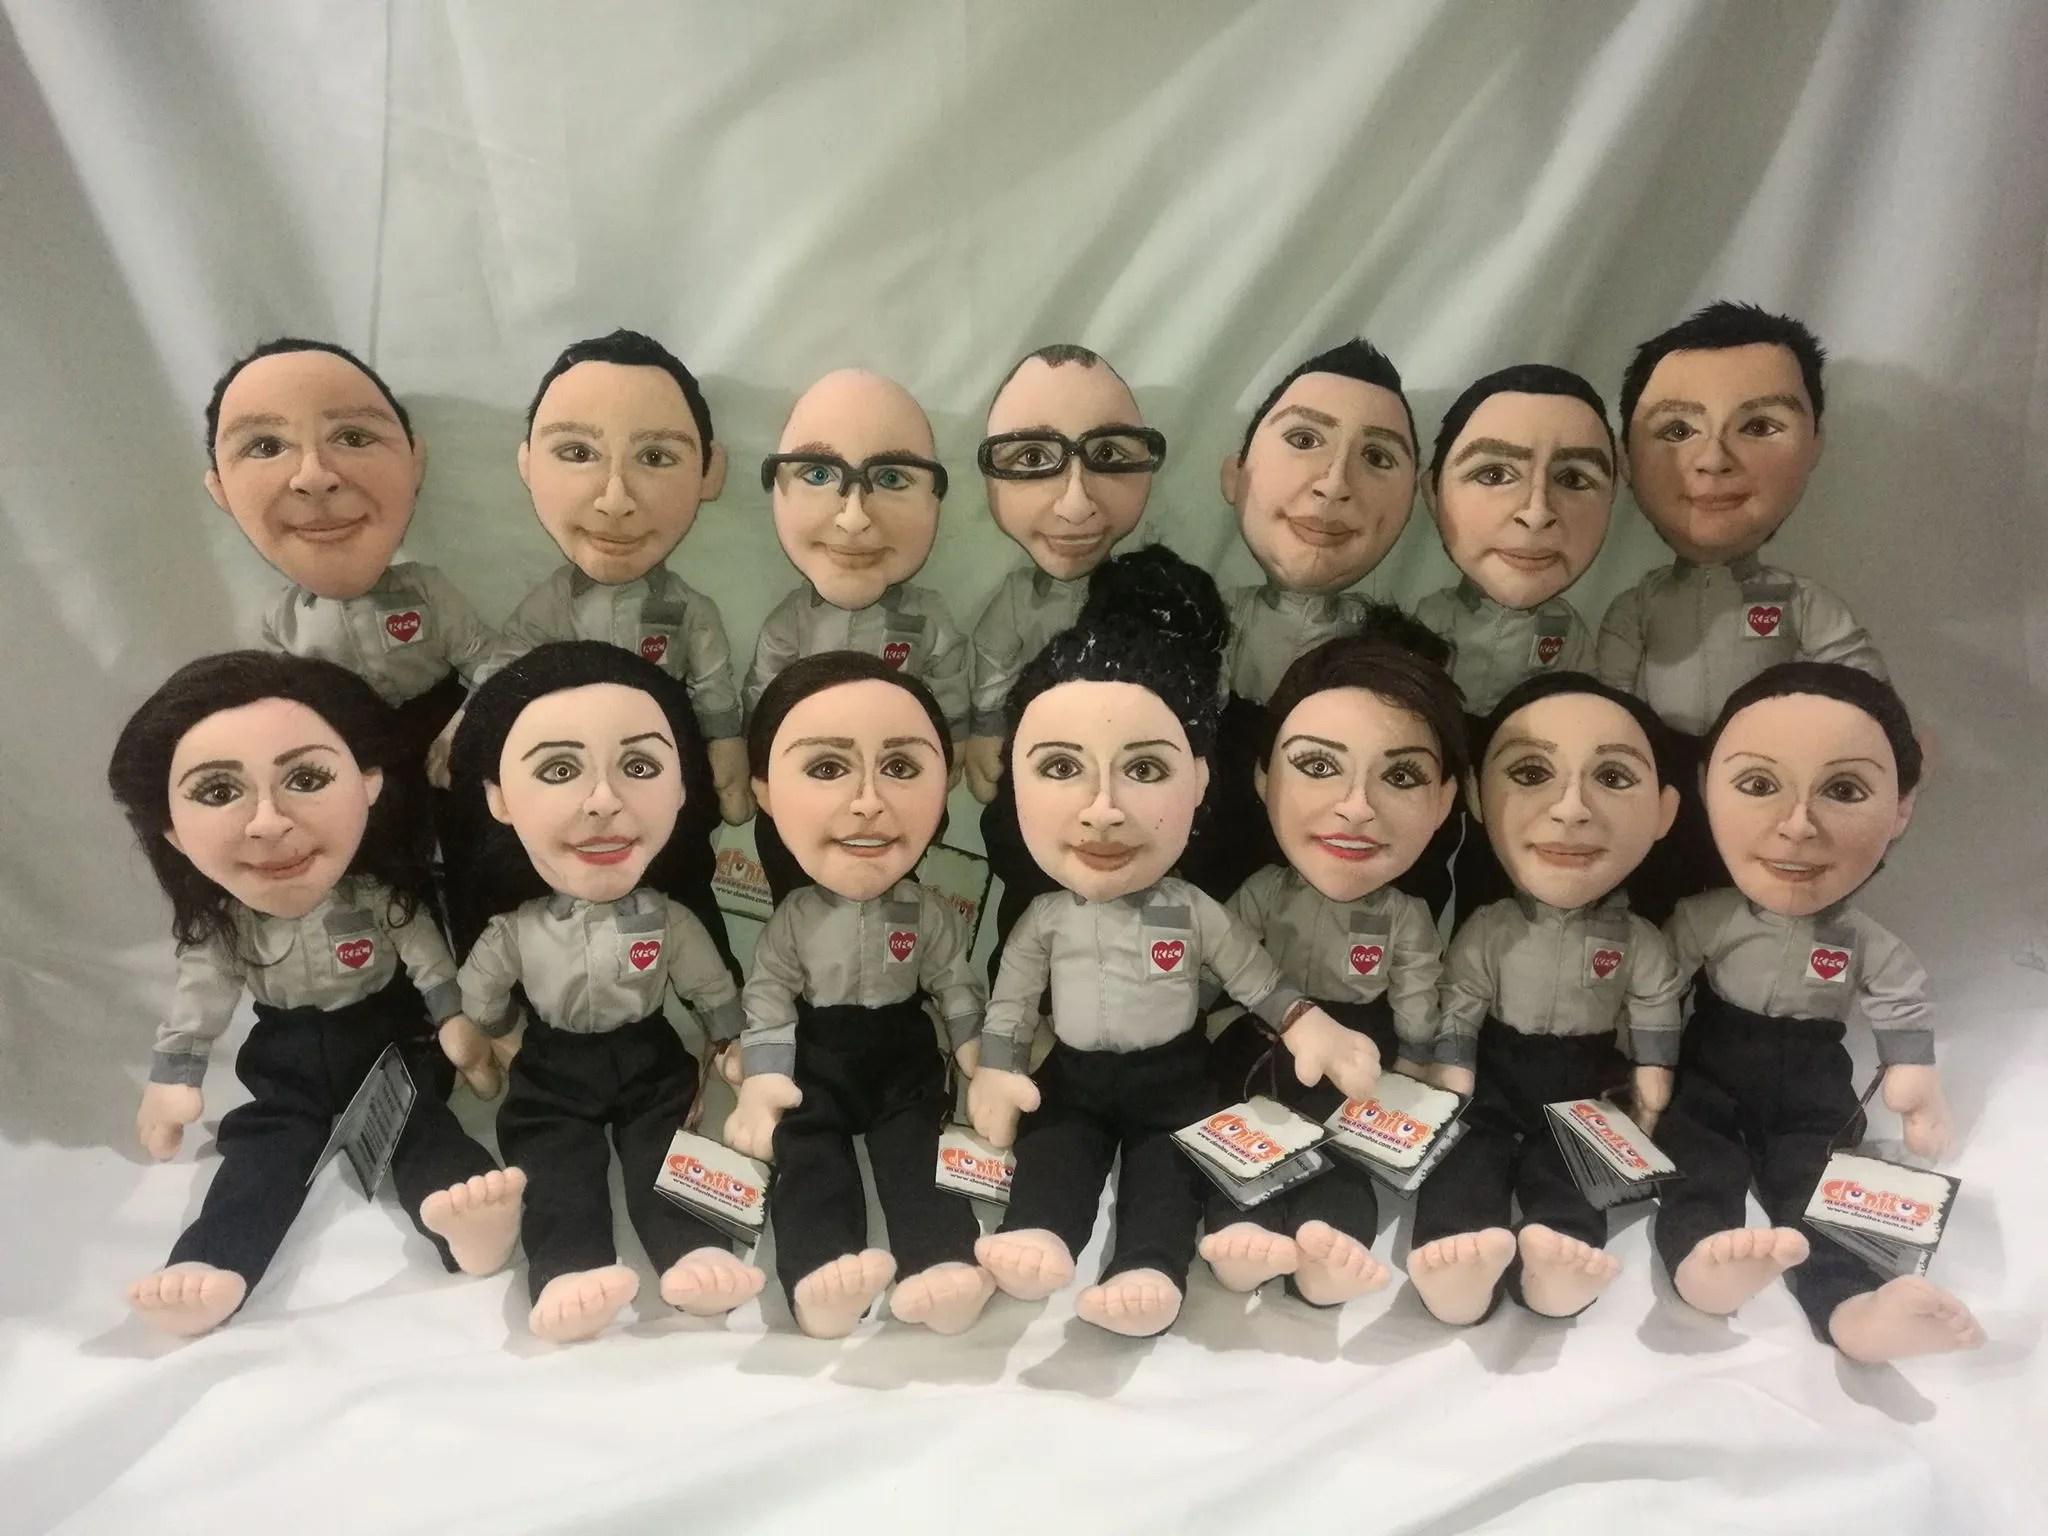 Muñecos Personalizados para Empresa